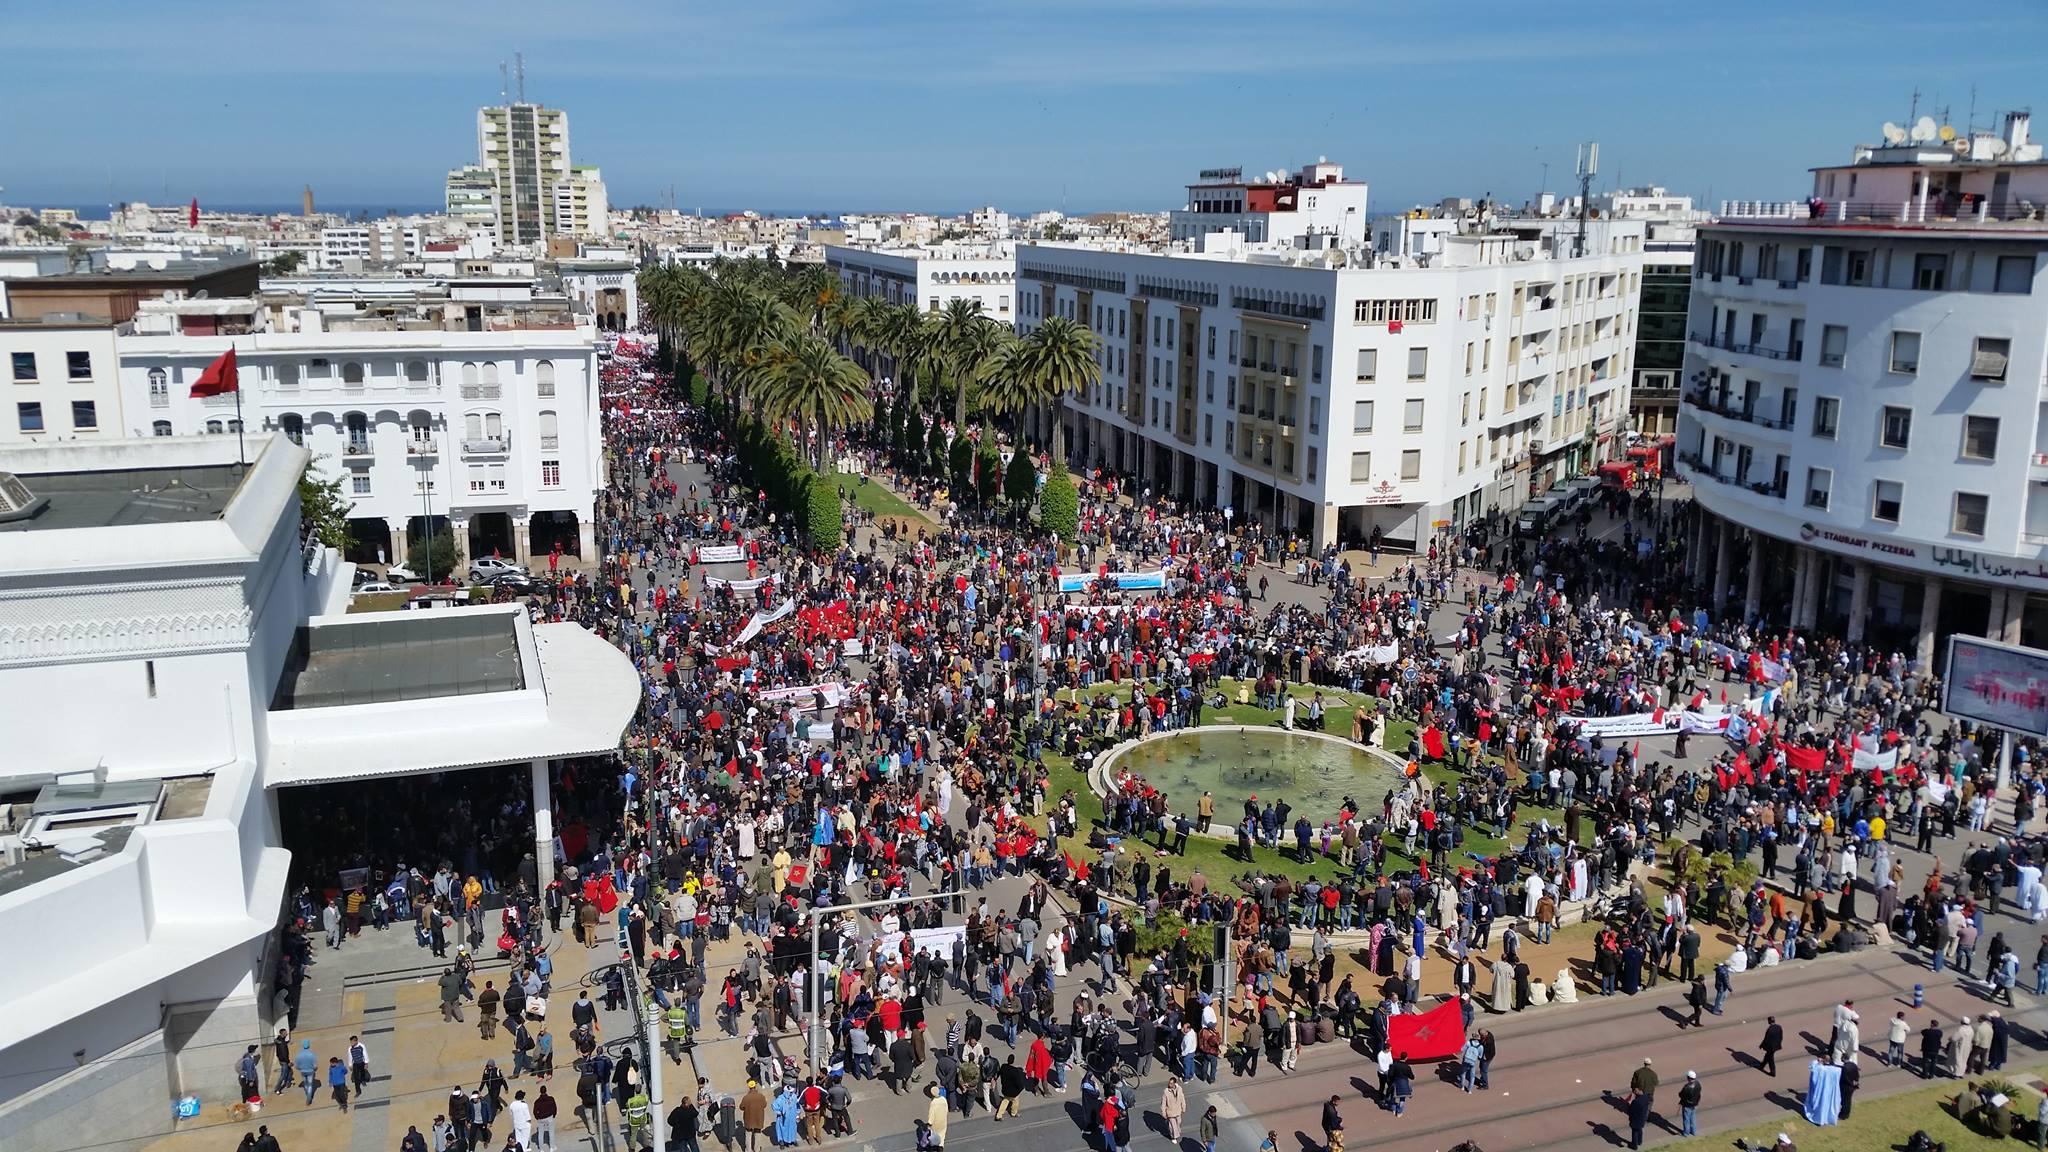 فيديو. مسيرة الرباط المليونية تنديدا بتصريحات بان كي مون